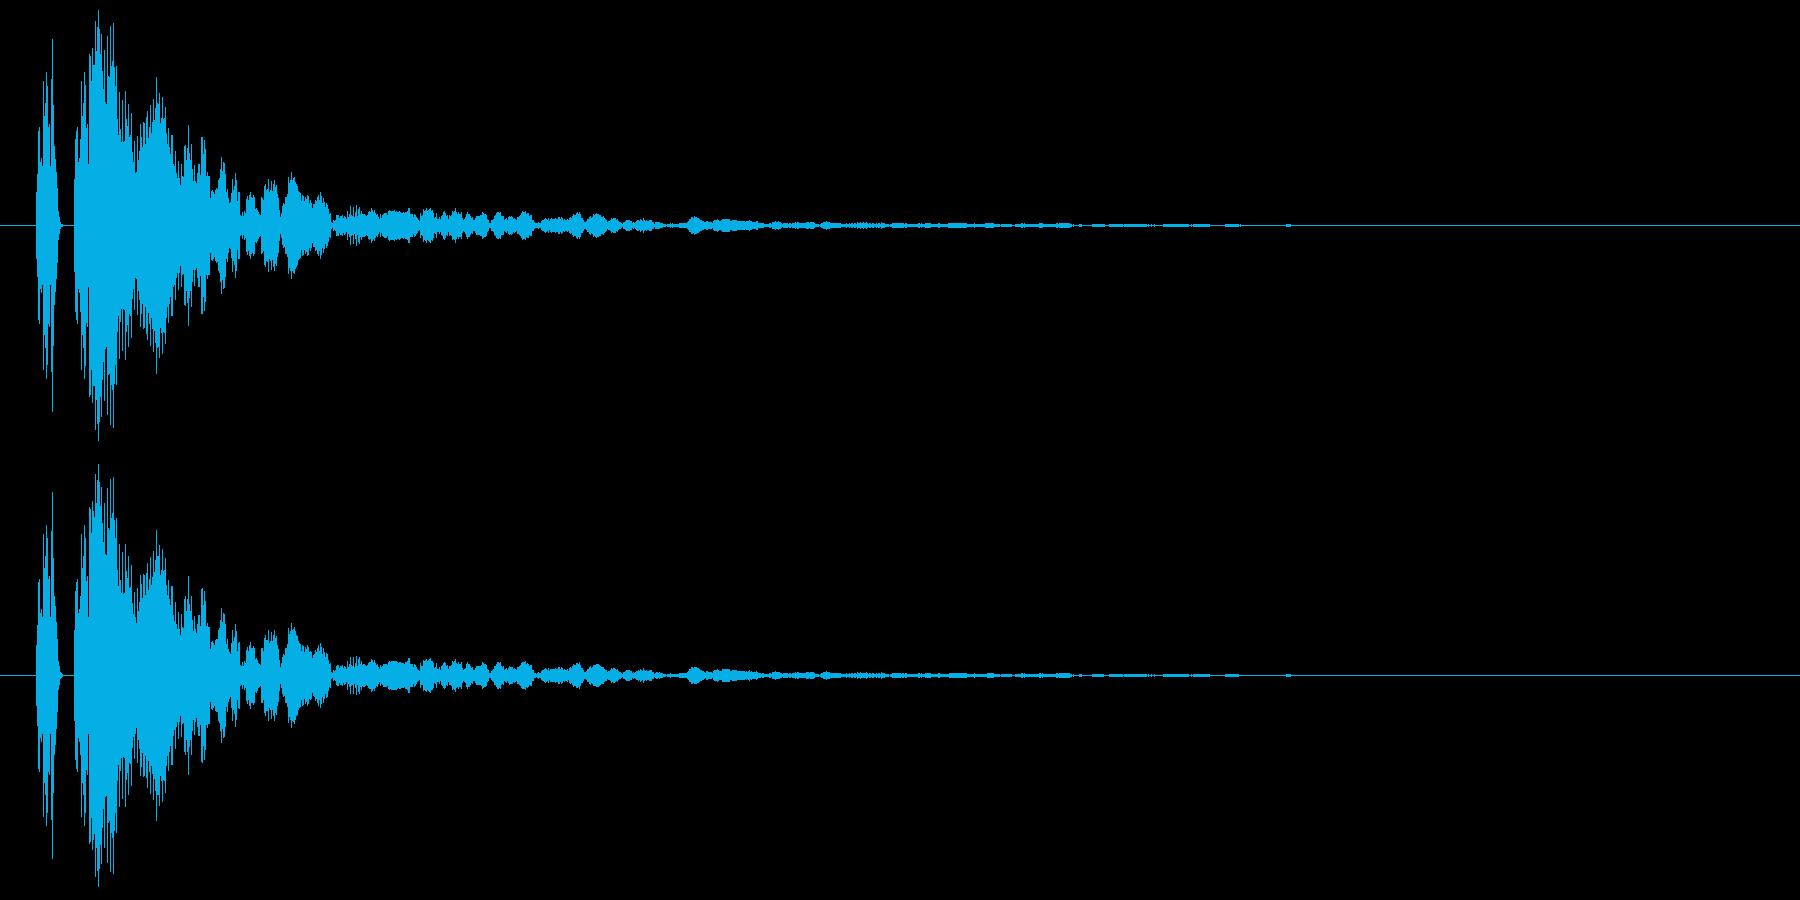 【ポン!】とてもリアルな太鼓の鼓!02の再生済みの波形